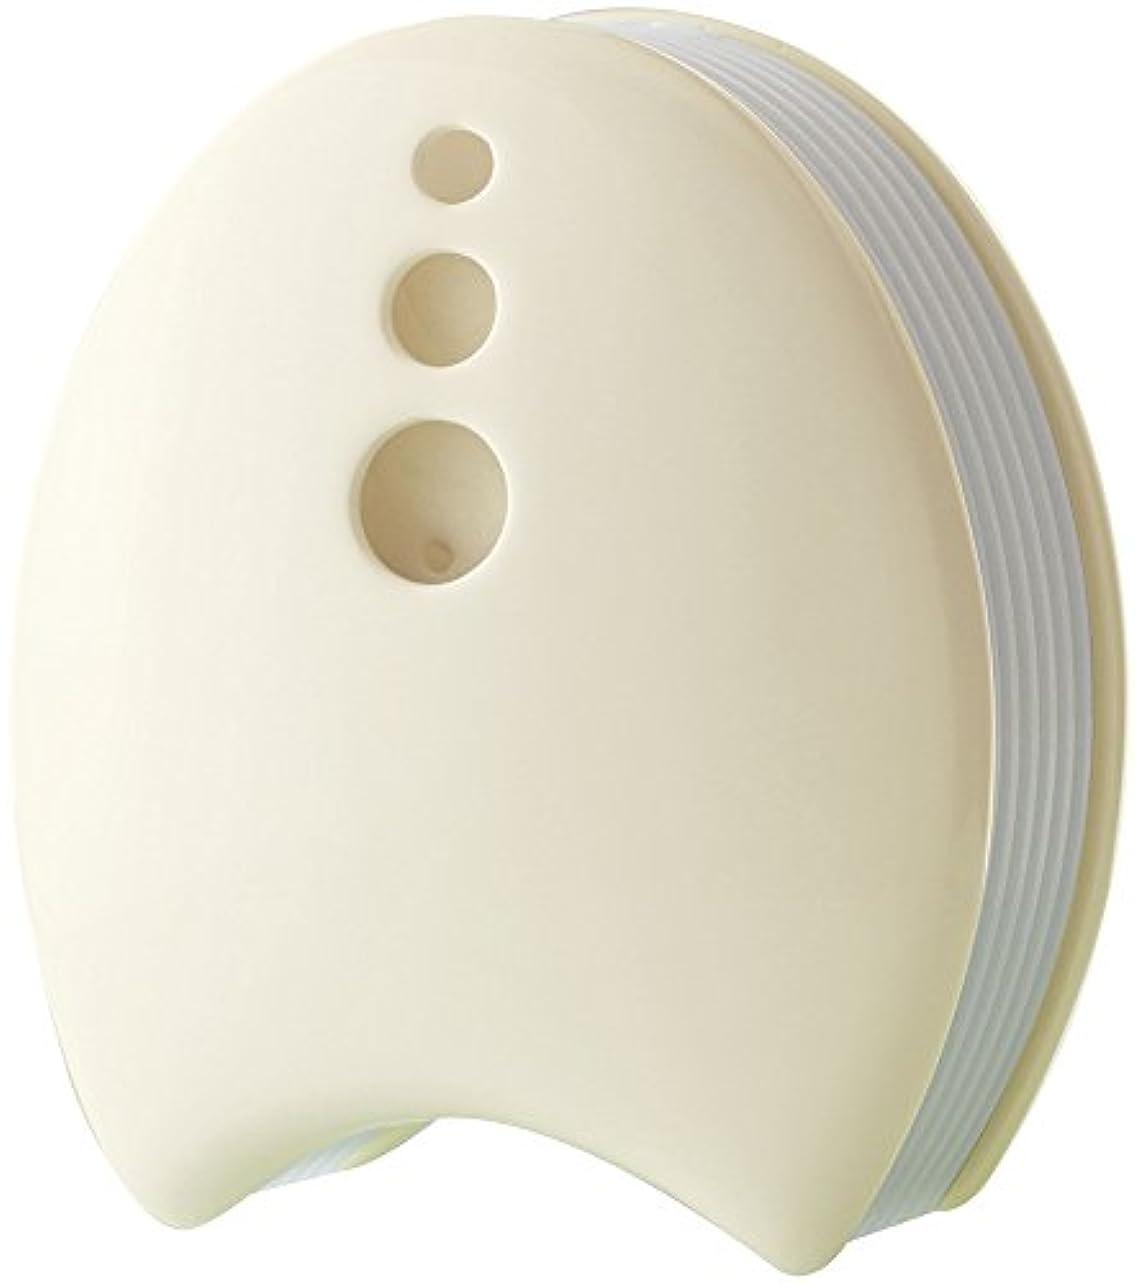 目に見える定説ディーラー陶器のアロマブリーズ 瀬戸焼 ベージュ